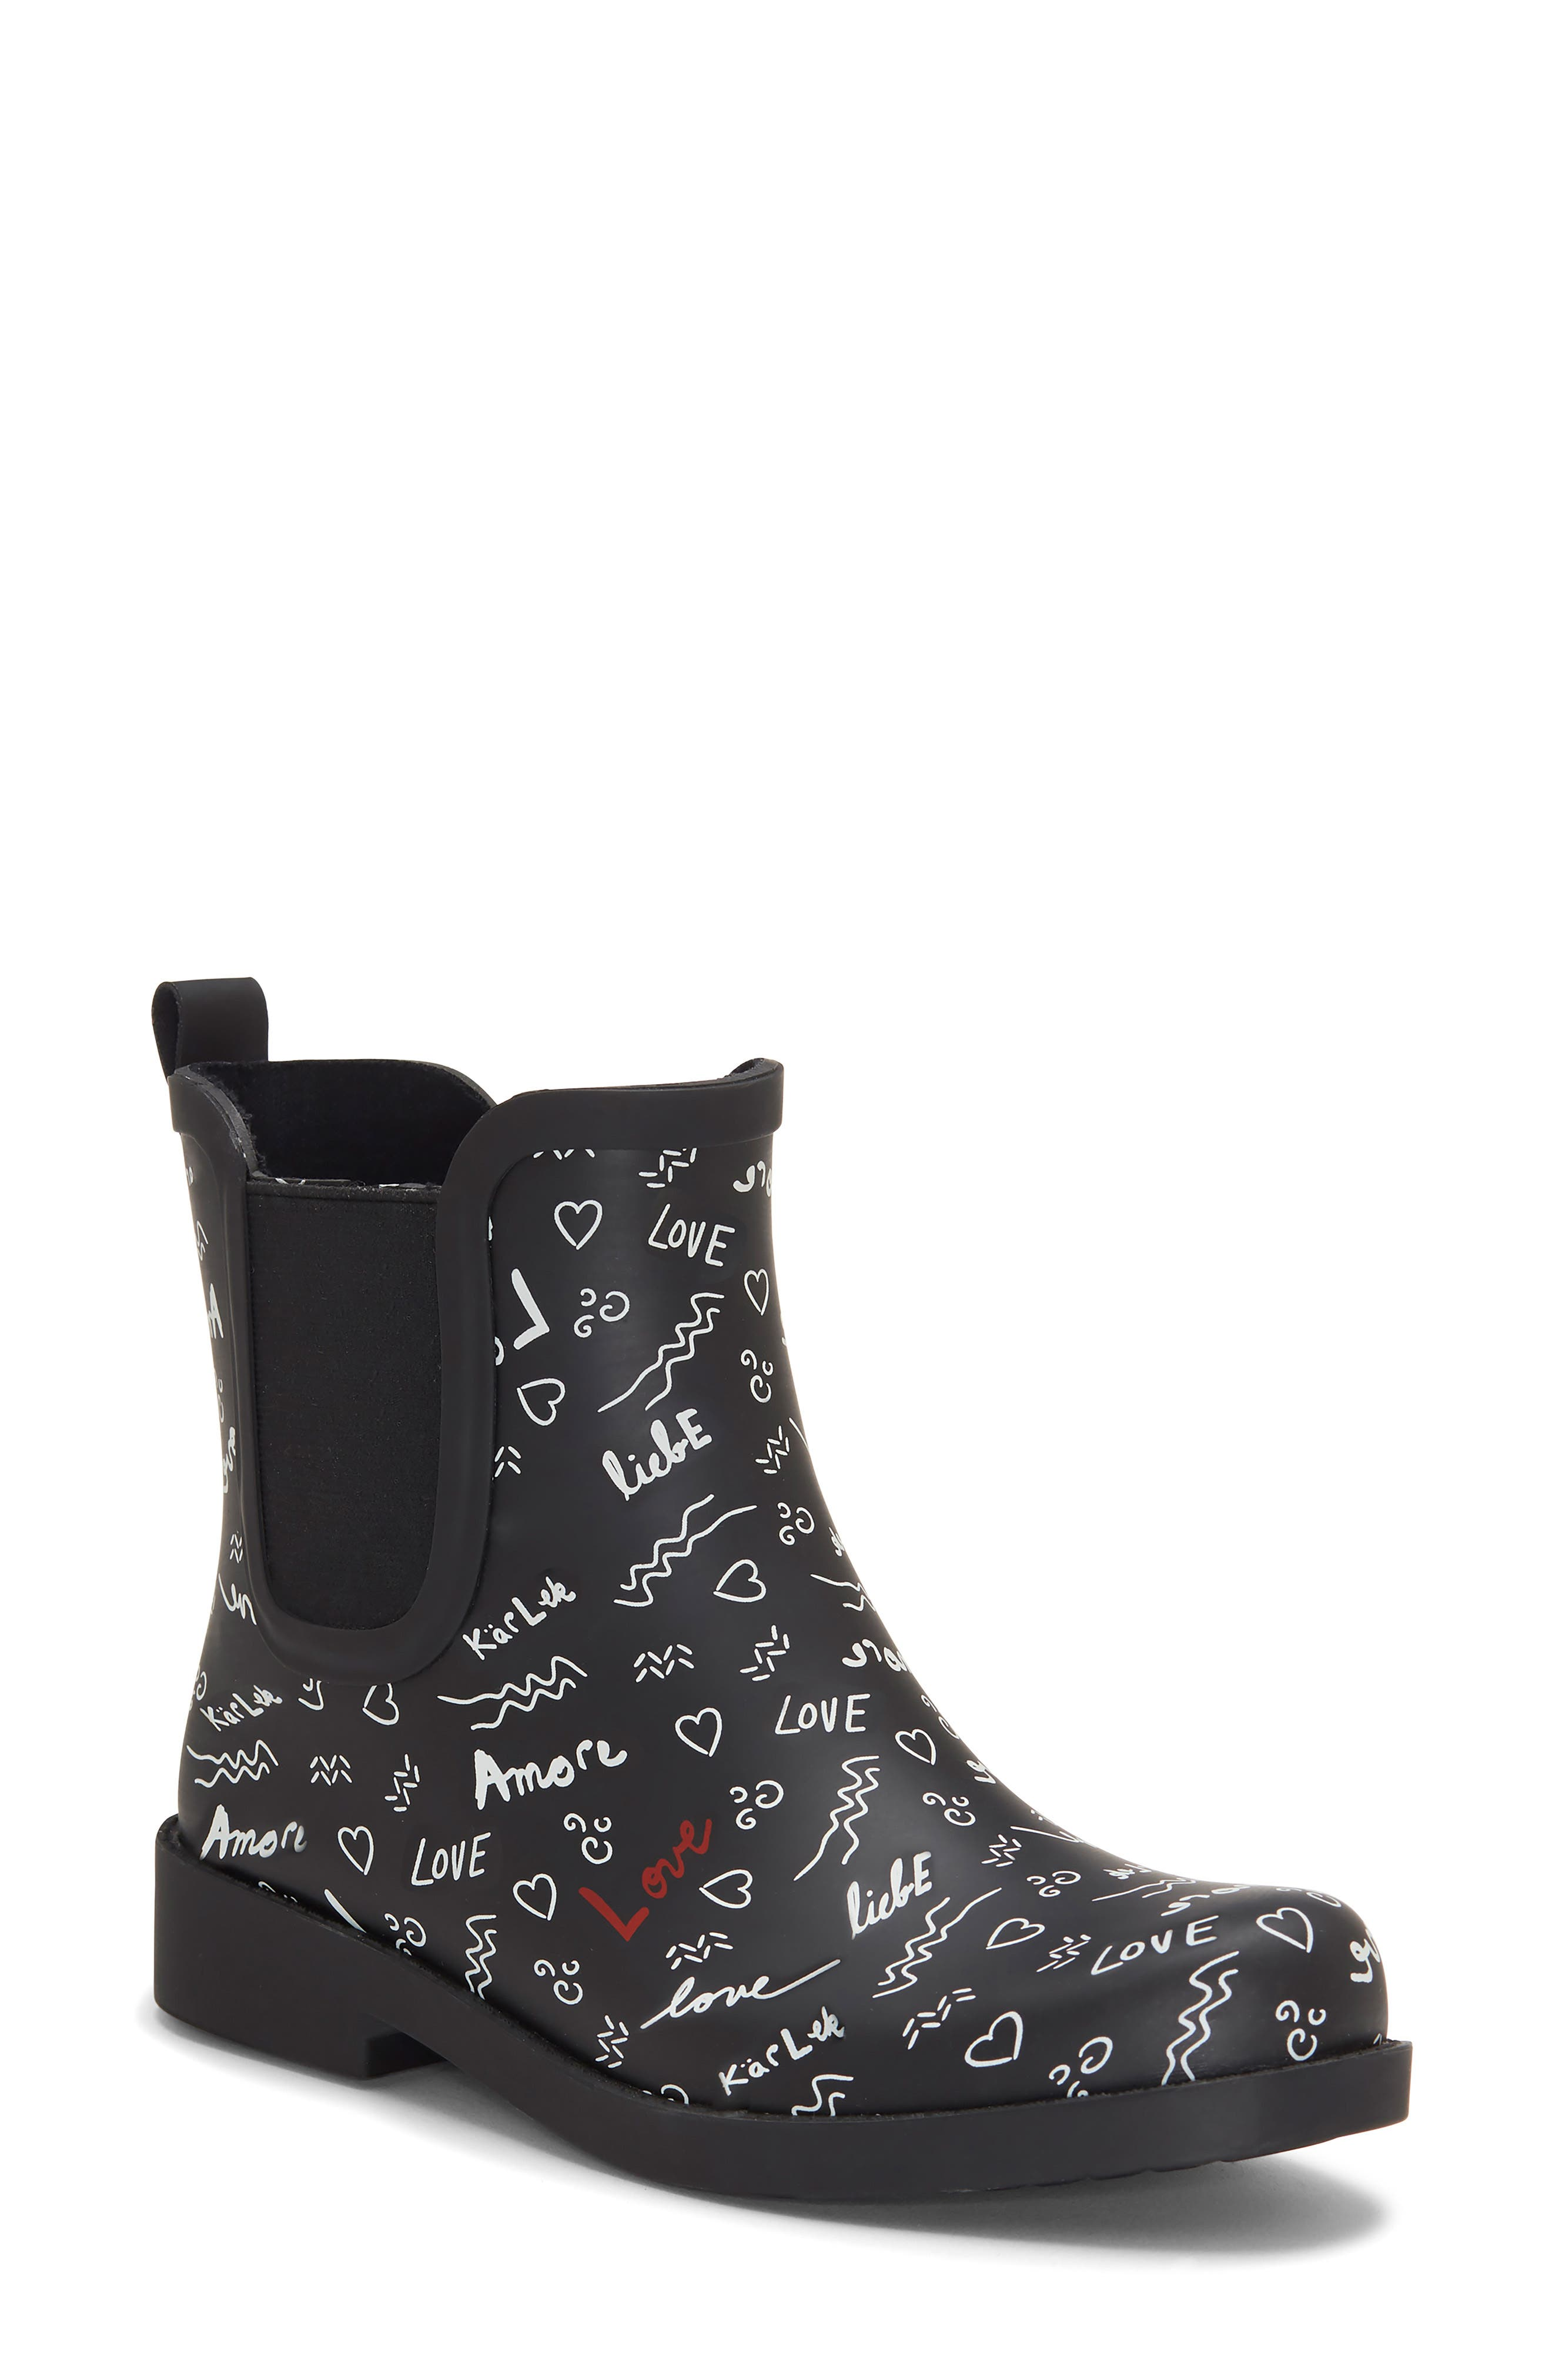 Wallita Rain Boot,                         Main,                         color, BLACK/ WHITE MATTE RUBBER